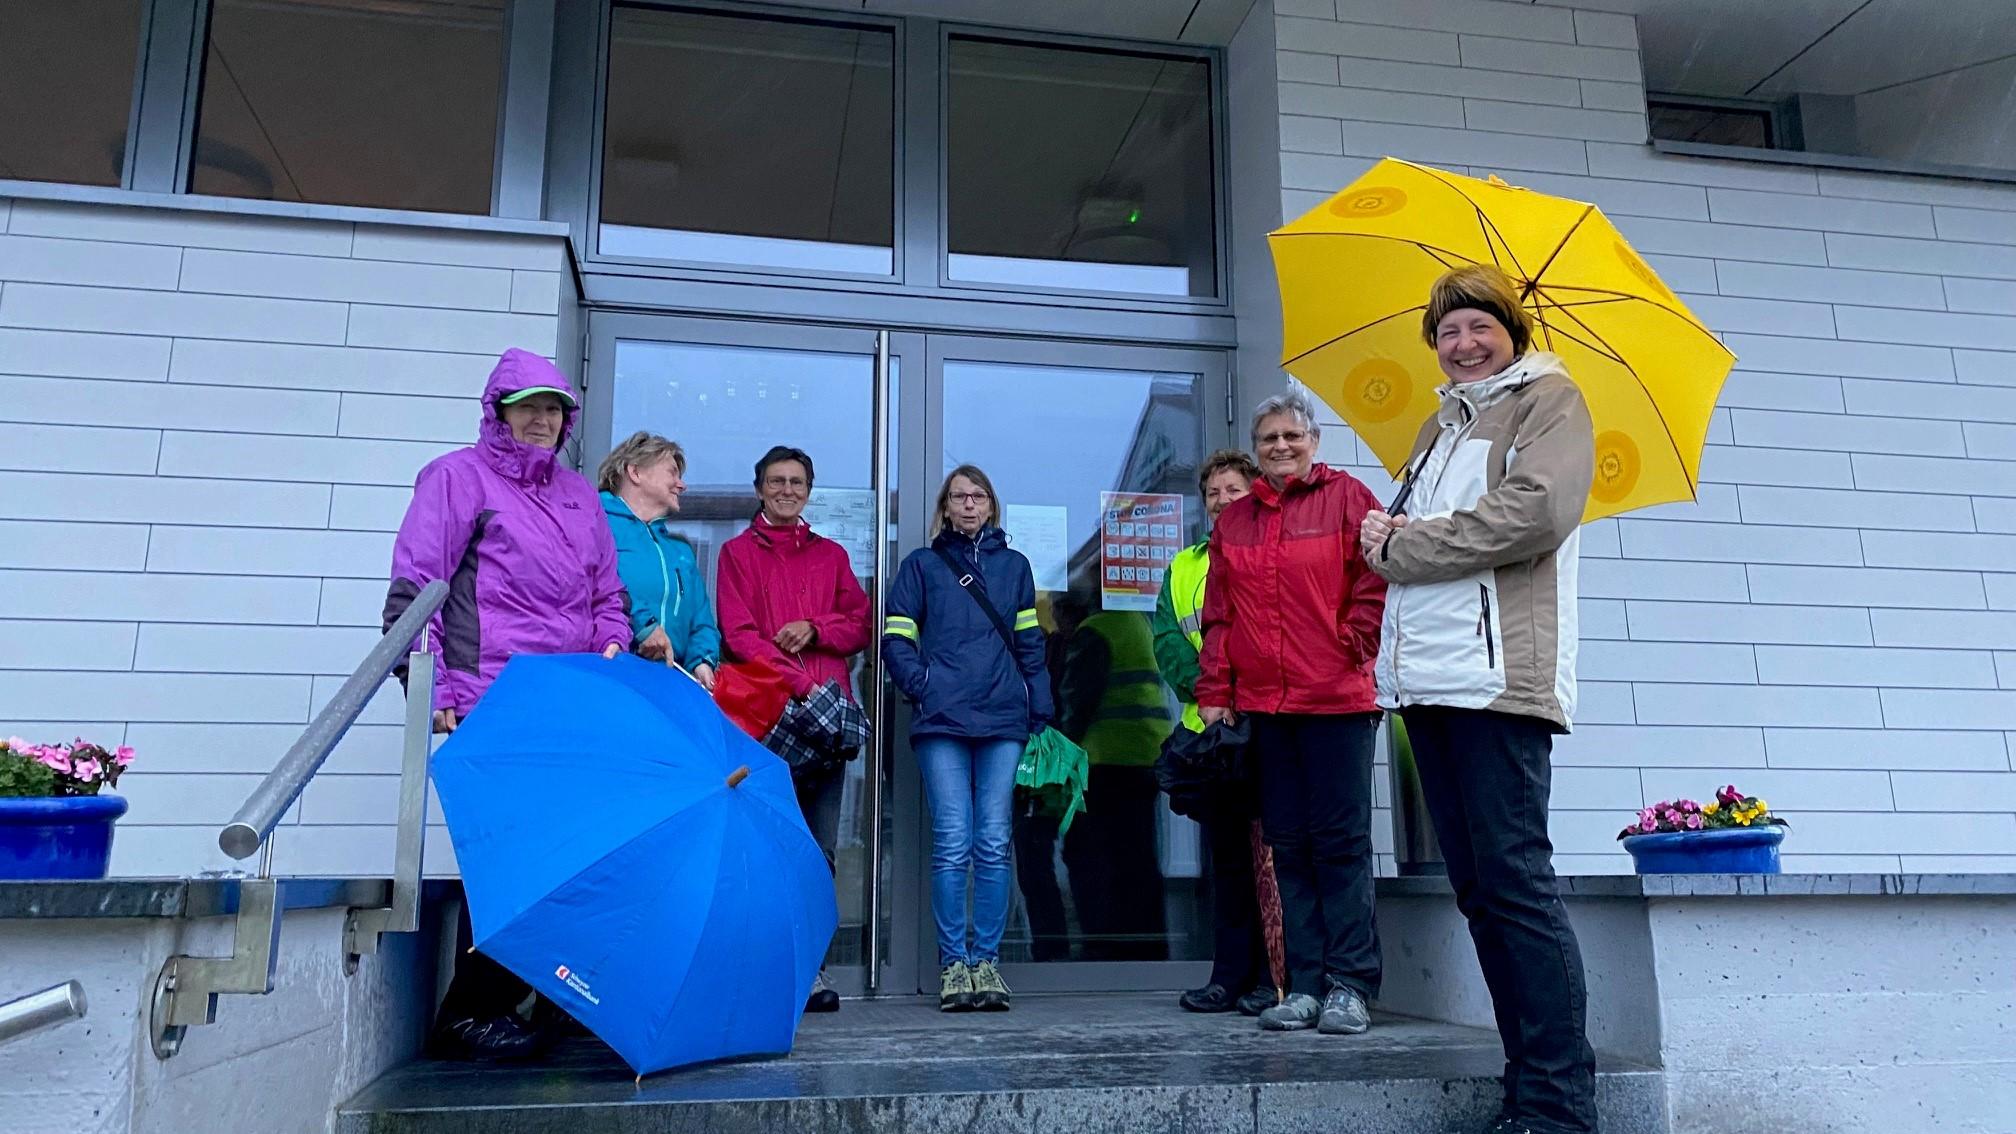 beim Treffpunkt regnet es bereits, trotzdem laufen wir natürlich unsere Mittwoch-Runde..